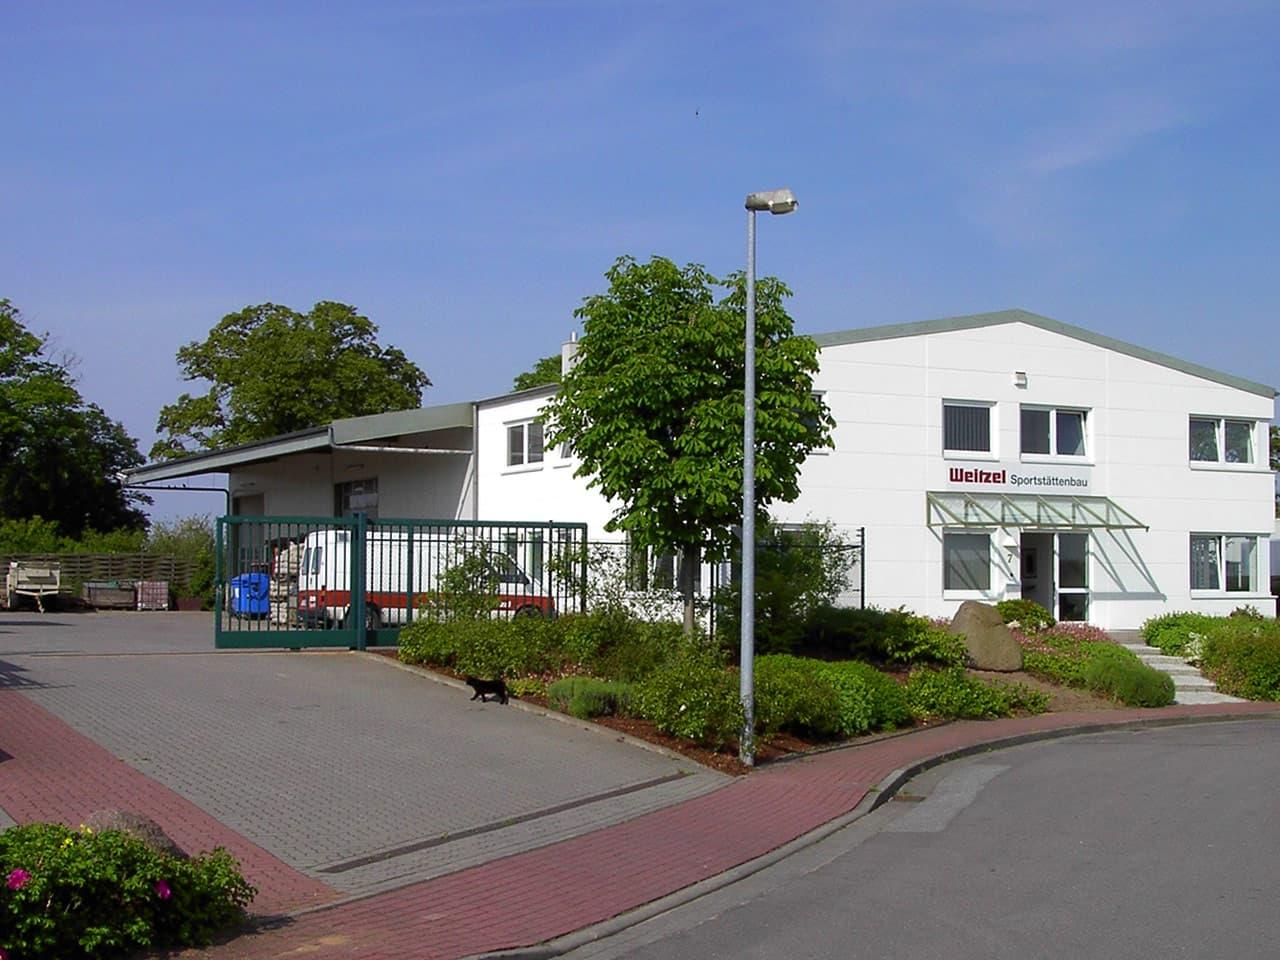 sportplatzbau-mecklenburg-vorpommern